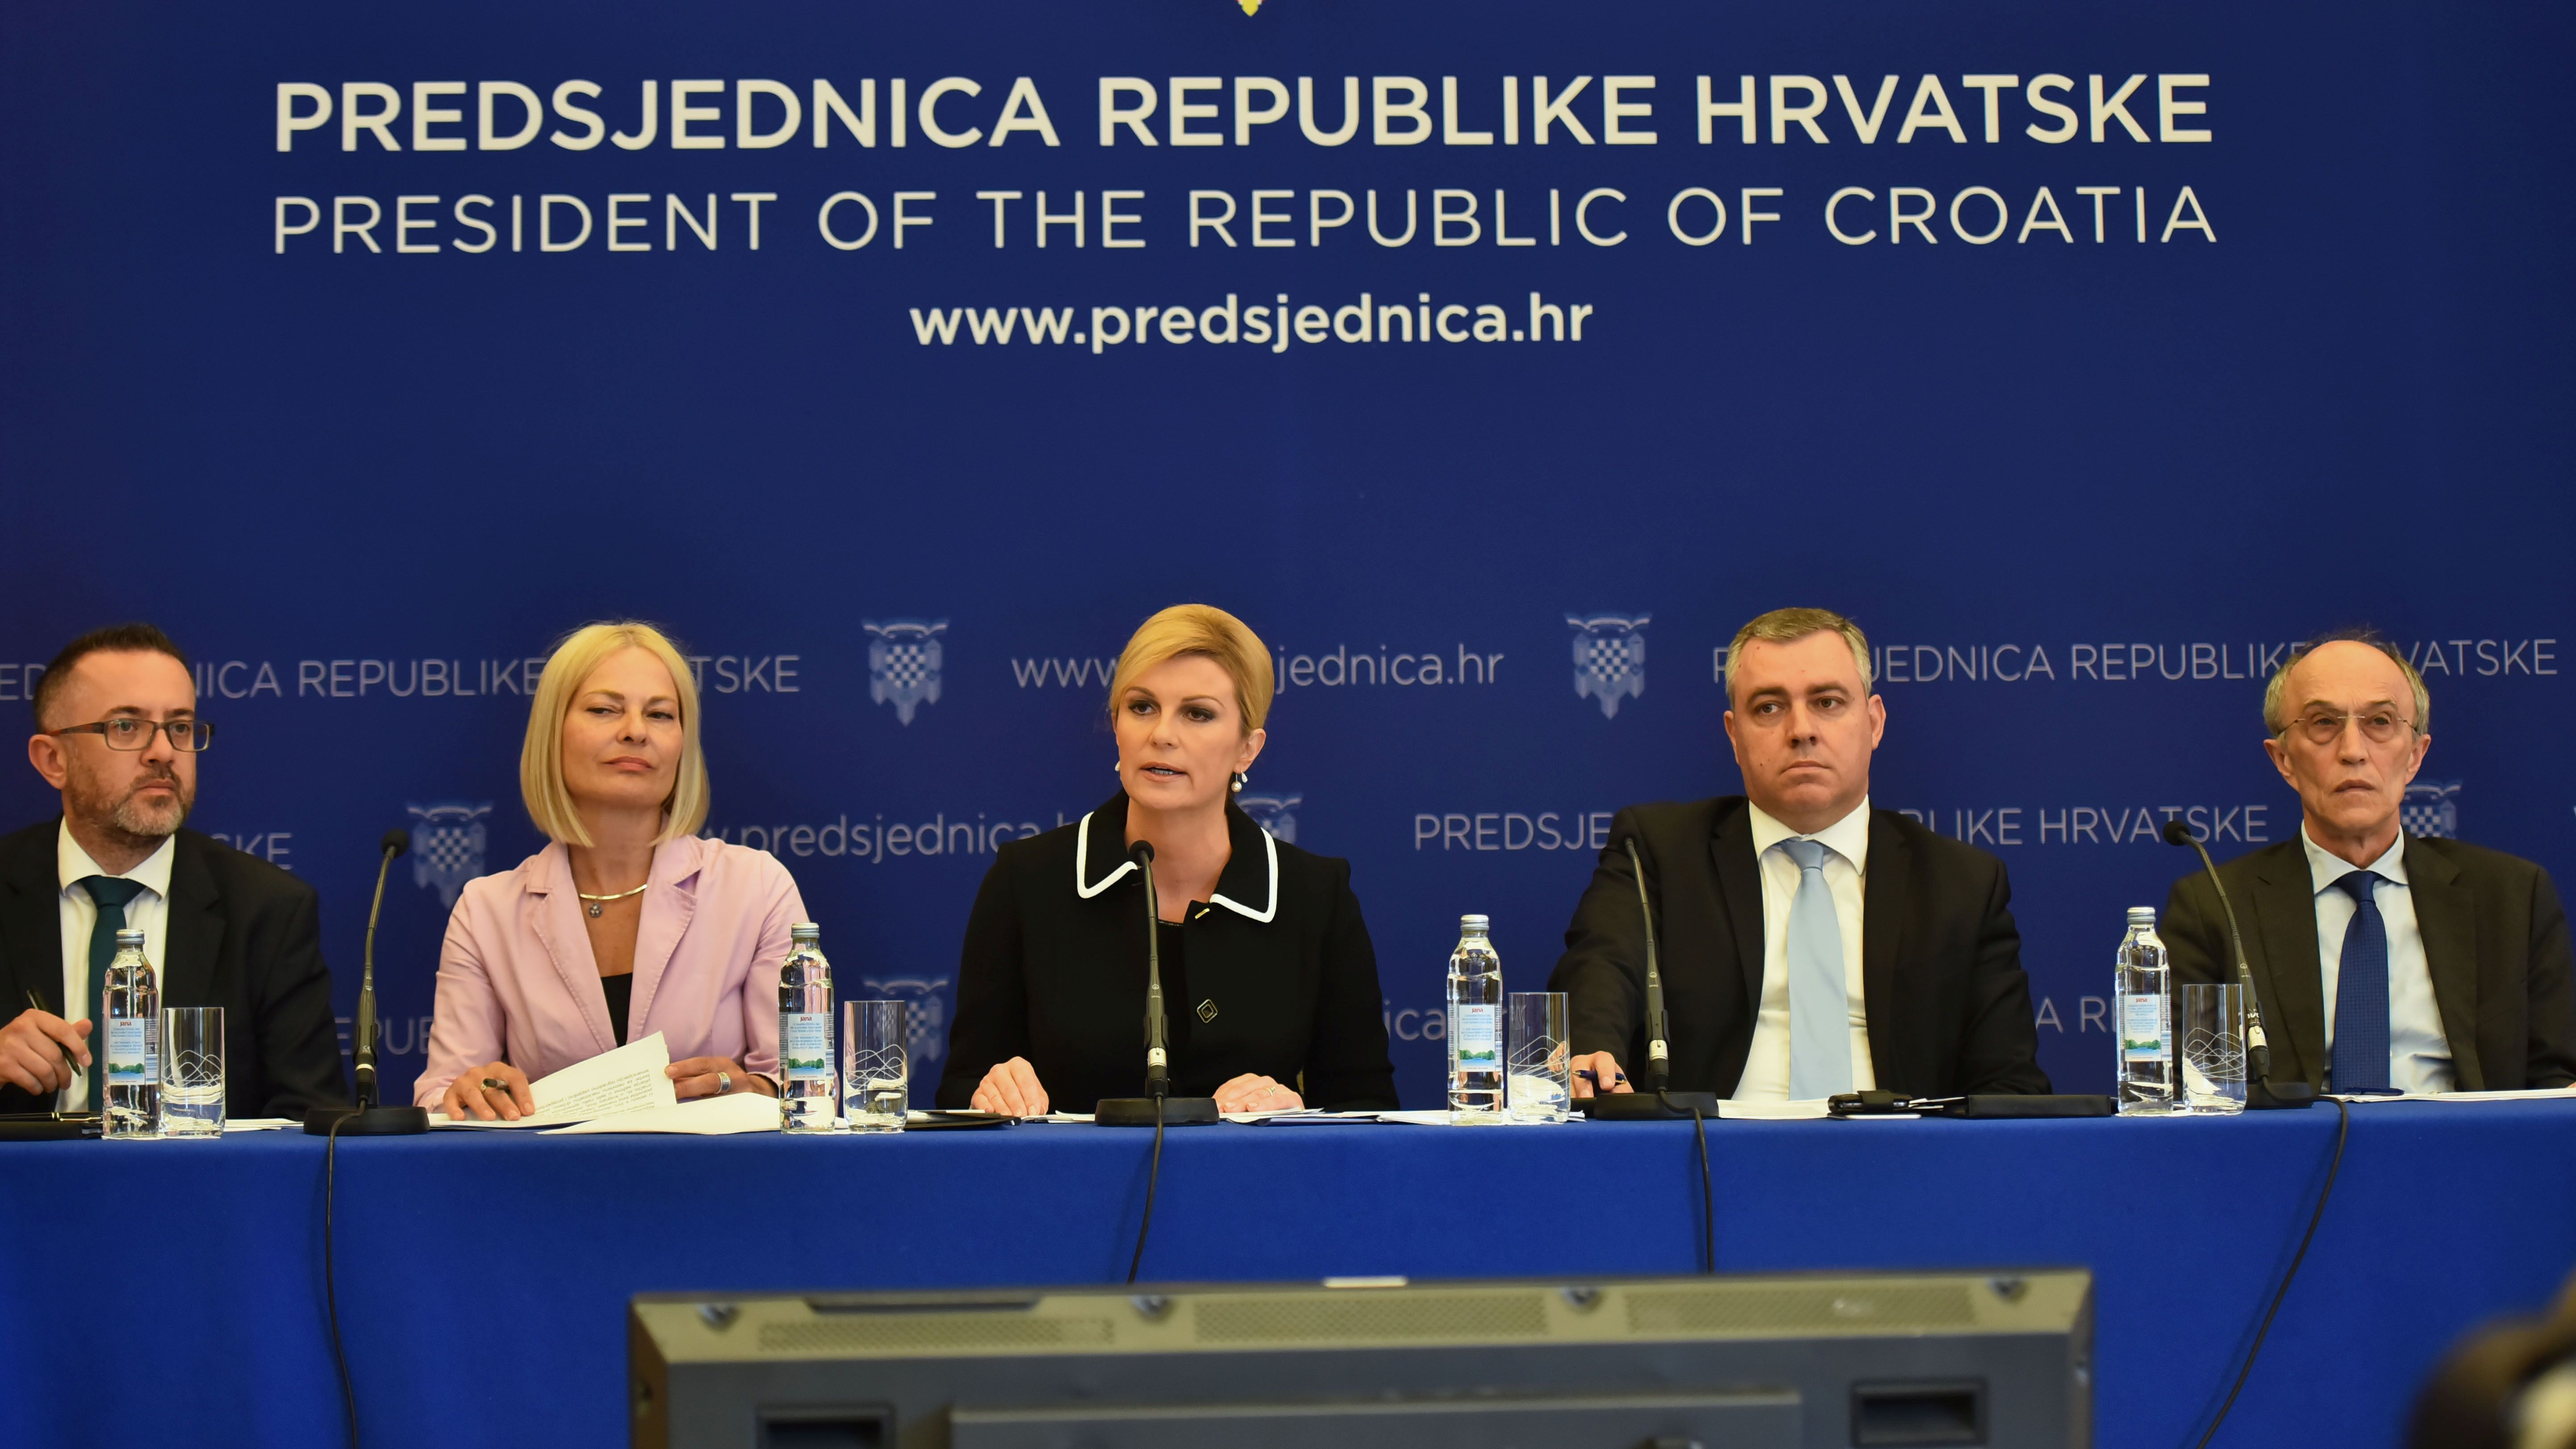 Predsjednica predstavila Prijedlog mjera populacijske politike